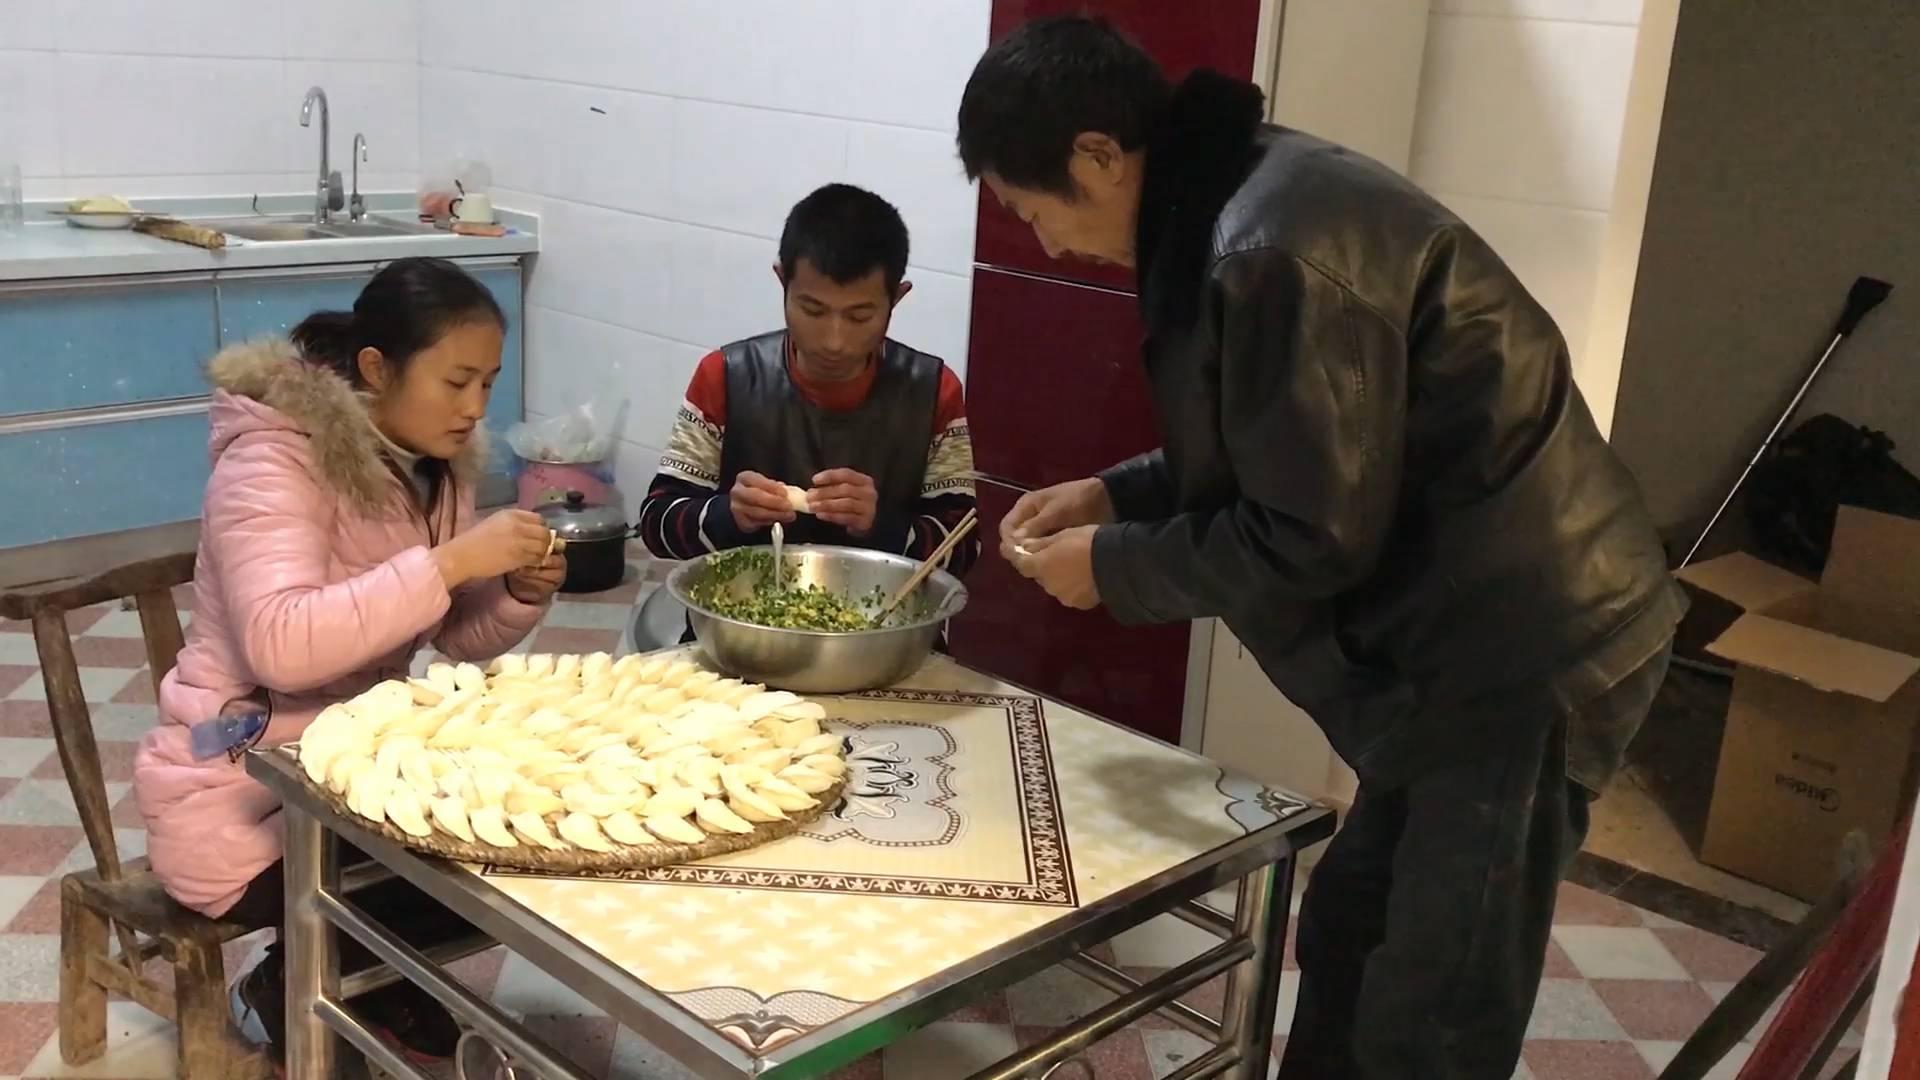 入住新房了,一家人第一次围在一起包饺子,有说有笑真热闹